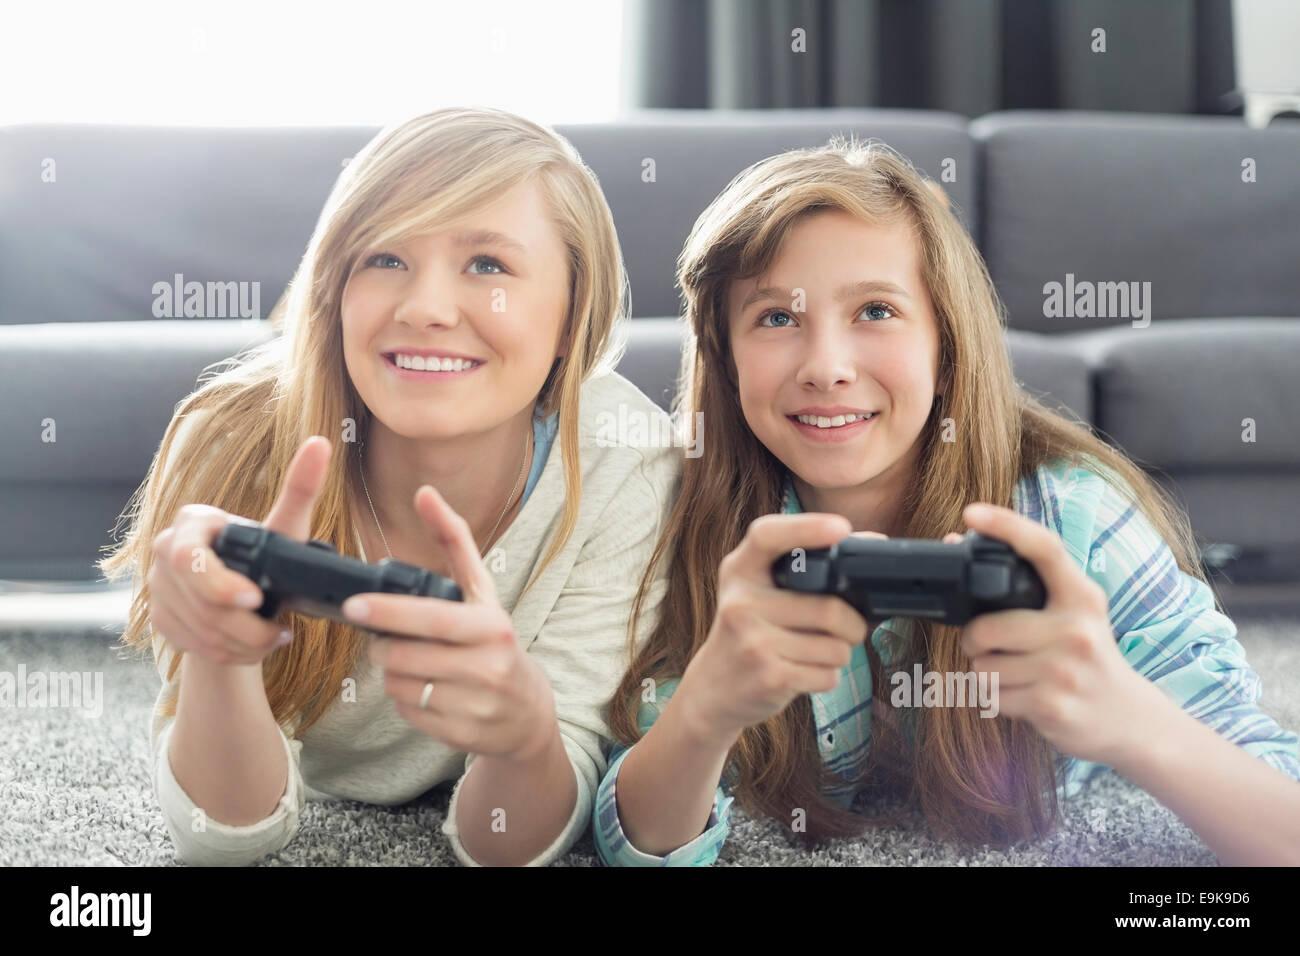 Hermanas jugando juegos de video en la sala de estar Imagen De Stock